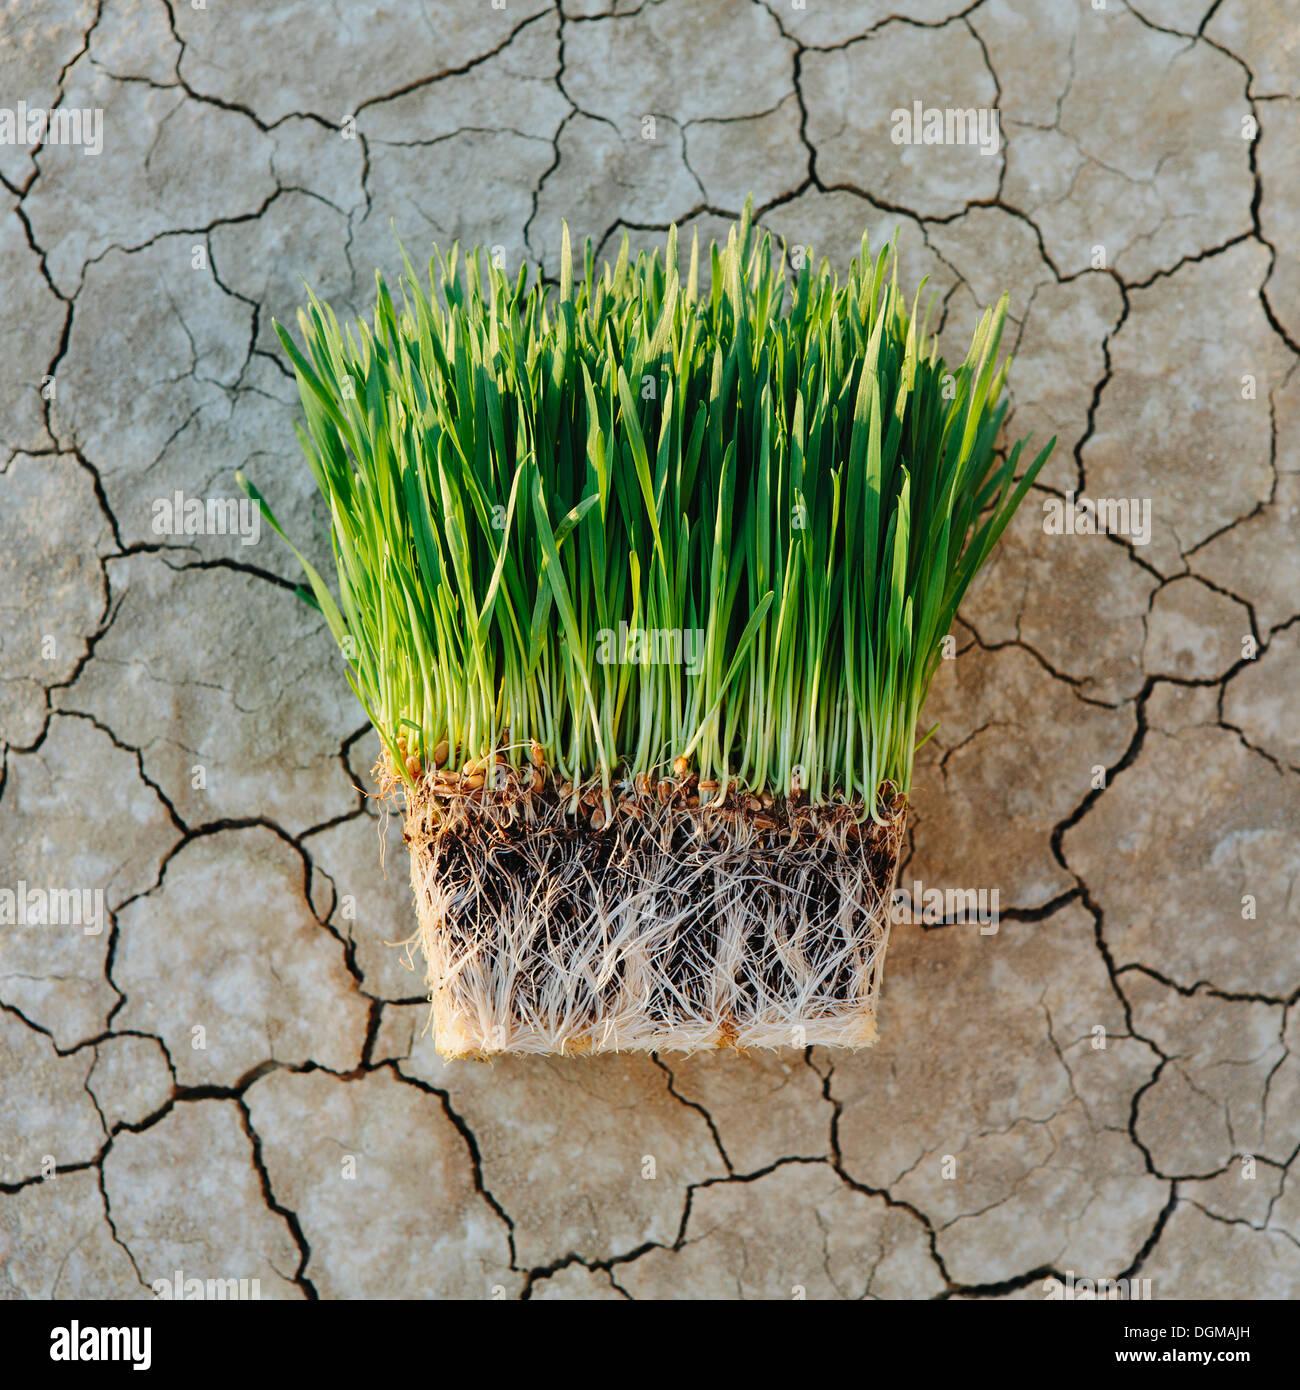 Árido Desierto Black Rock agrietada superficie crujiente salar playa Wheatgrass plantas con una densa red de raíces Imagen De Stock